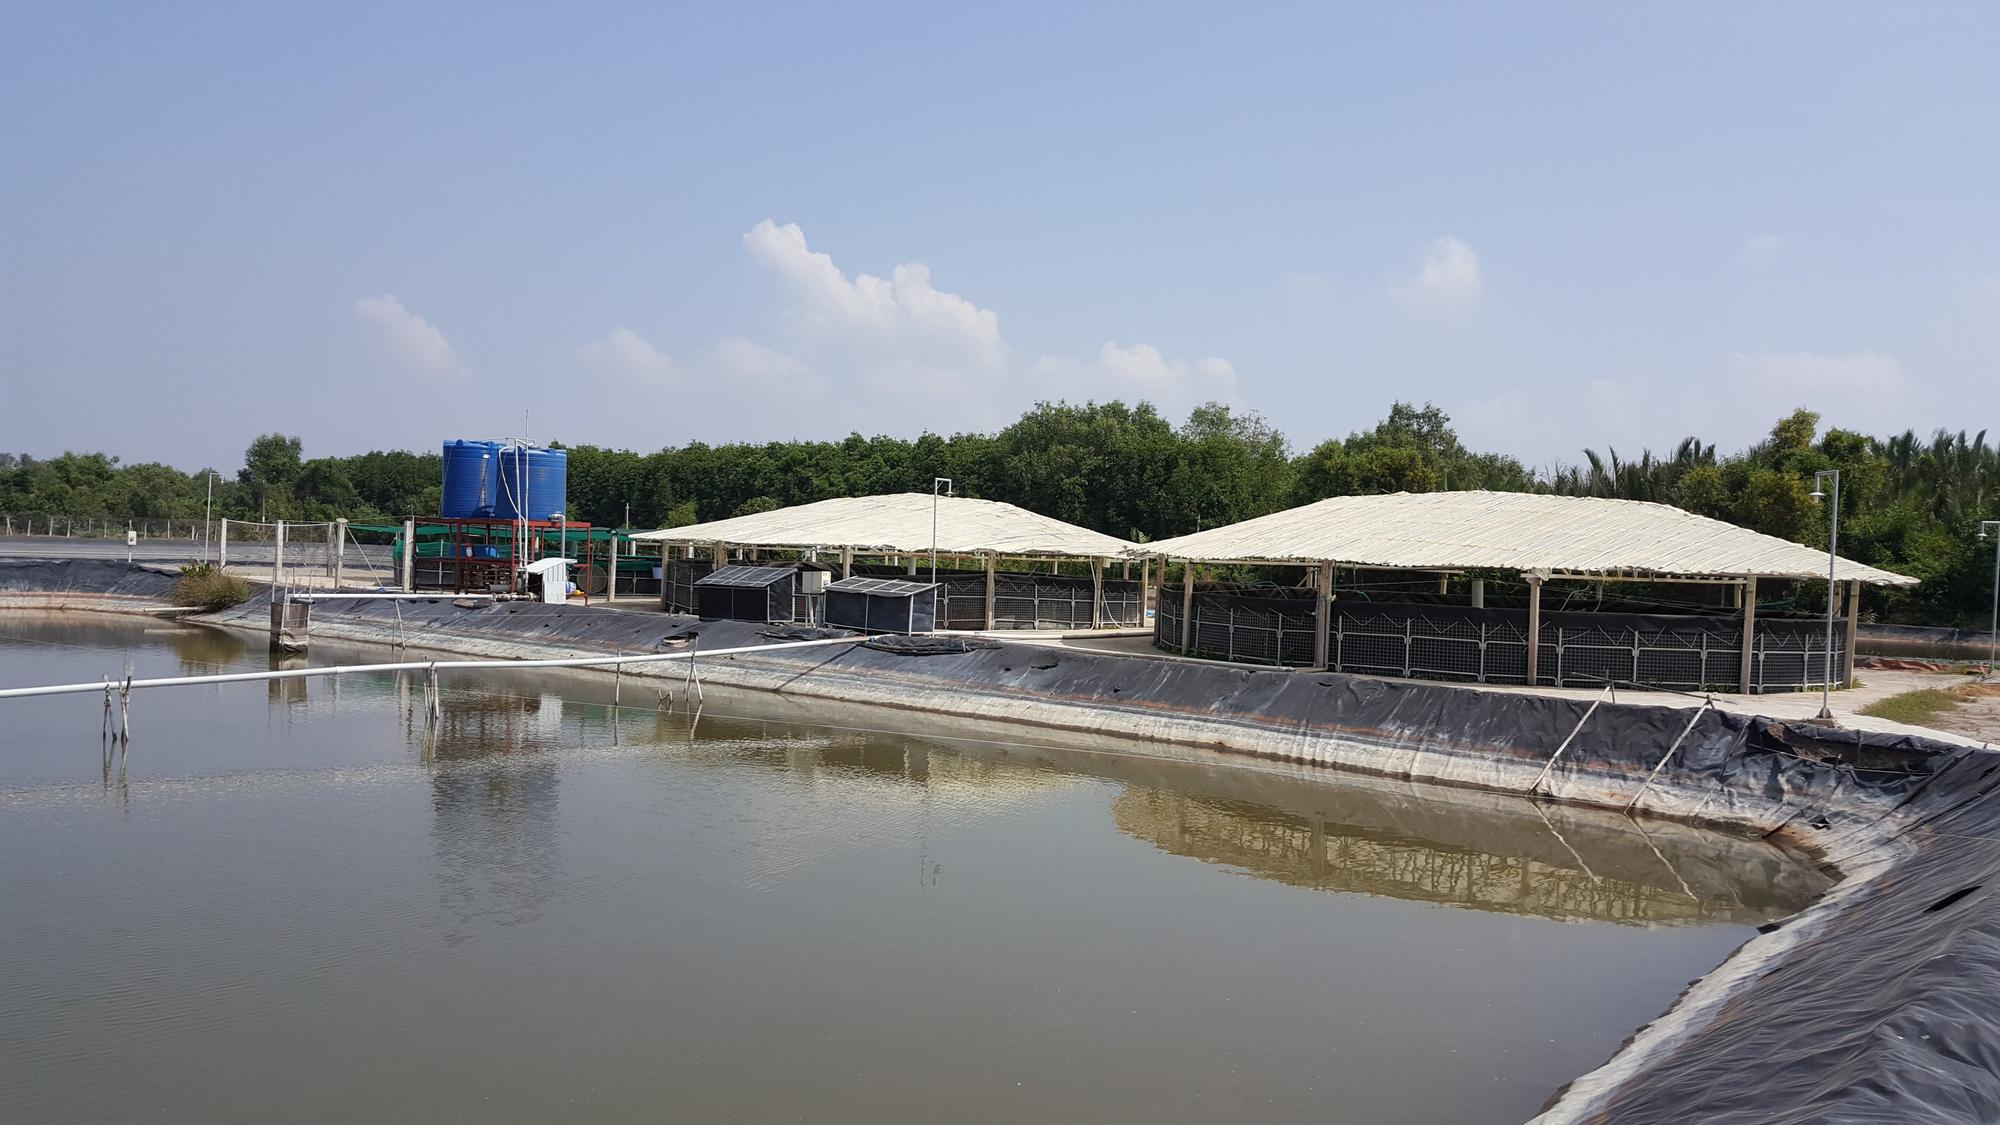 ADM công bố những mục tiêu mới nhằm thúc đẩy giảm cường độ sử dụng nước và chất thải chôn lấp - Ảnh 2.